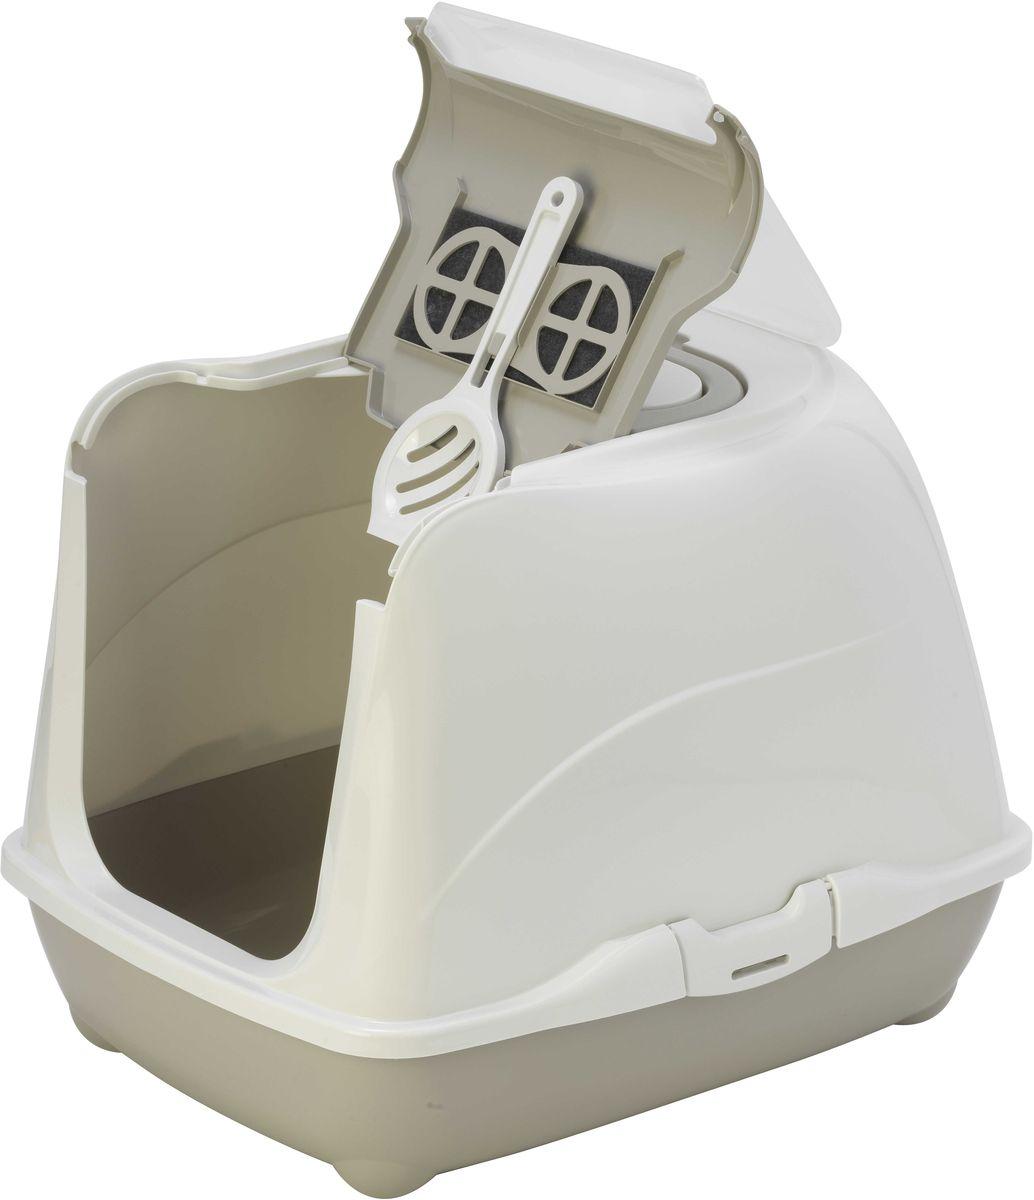 Туалет закрытый для кошек Moderna Flip Cat, цвет: светло-серый, 39 х 50 х 37 см14C230330